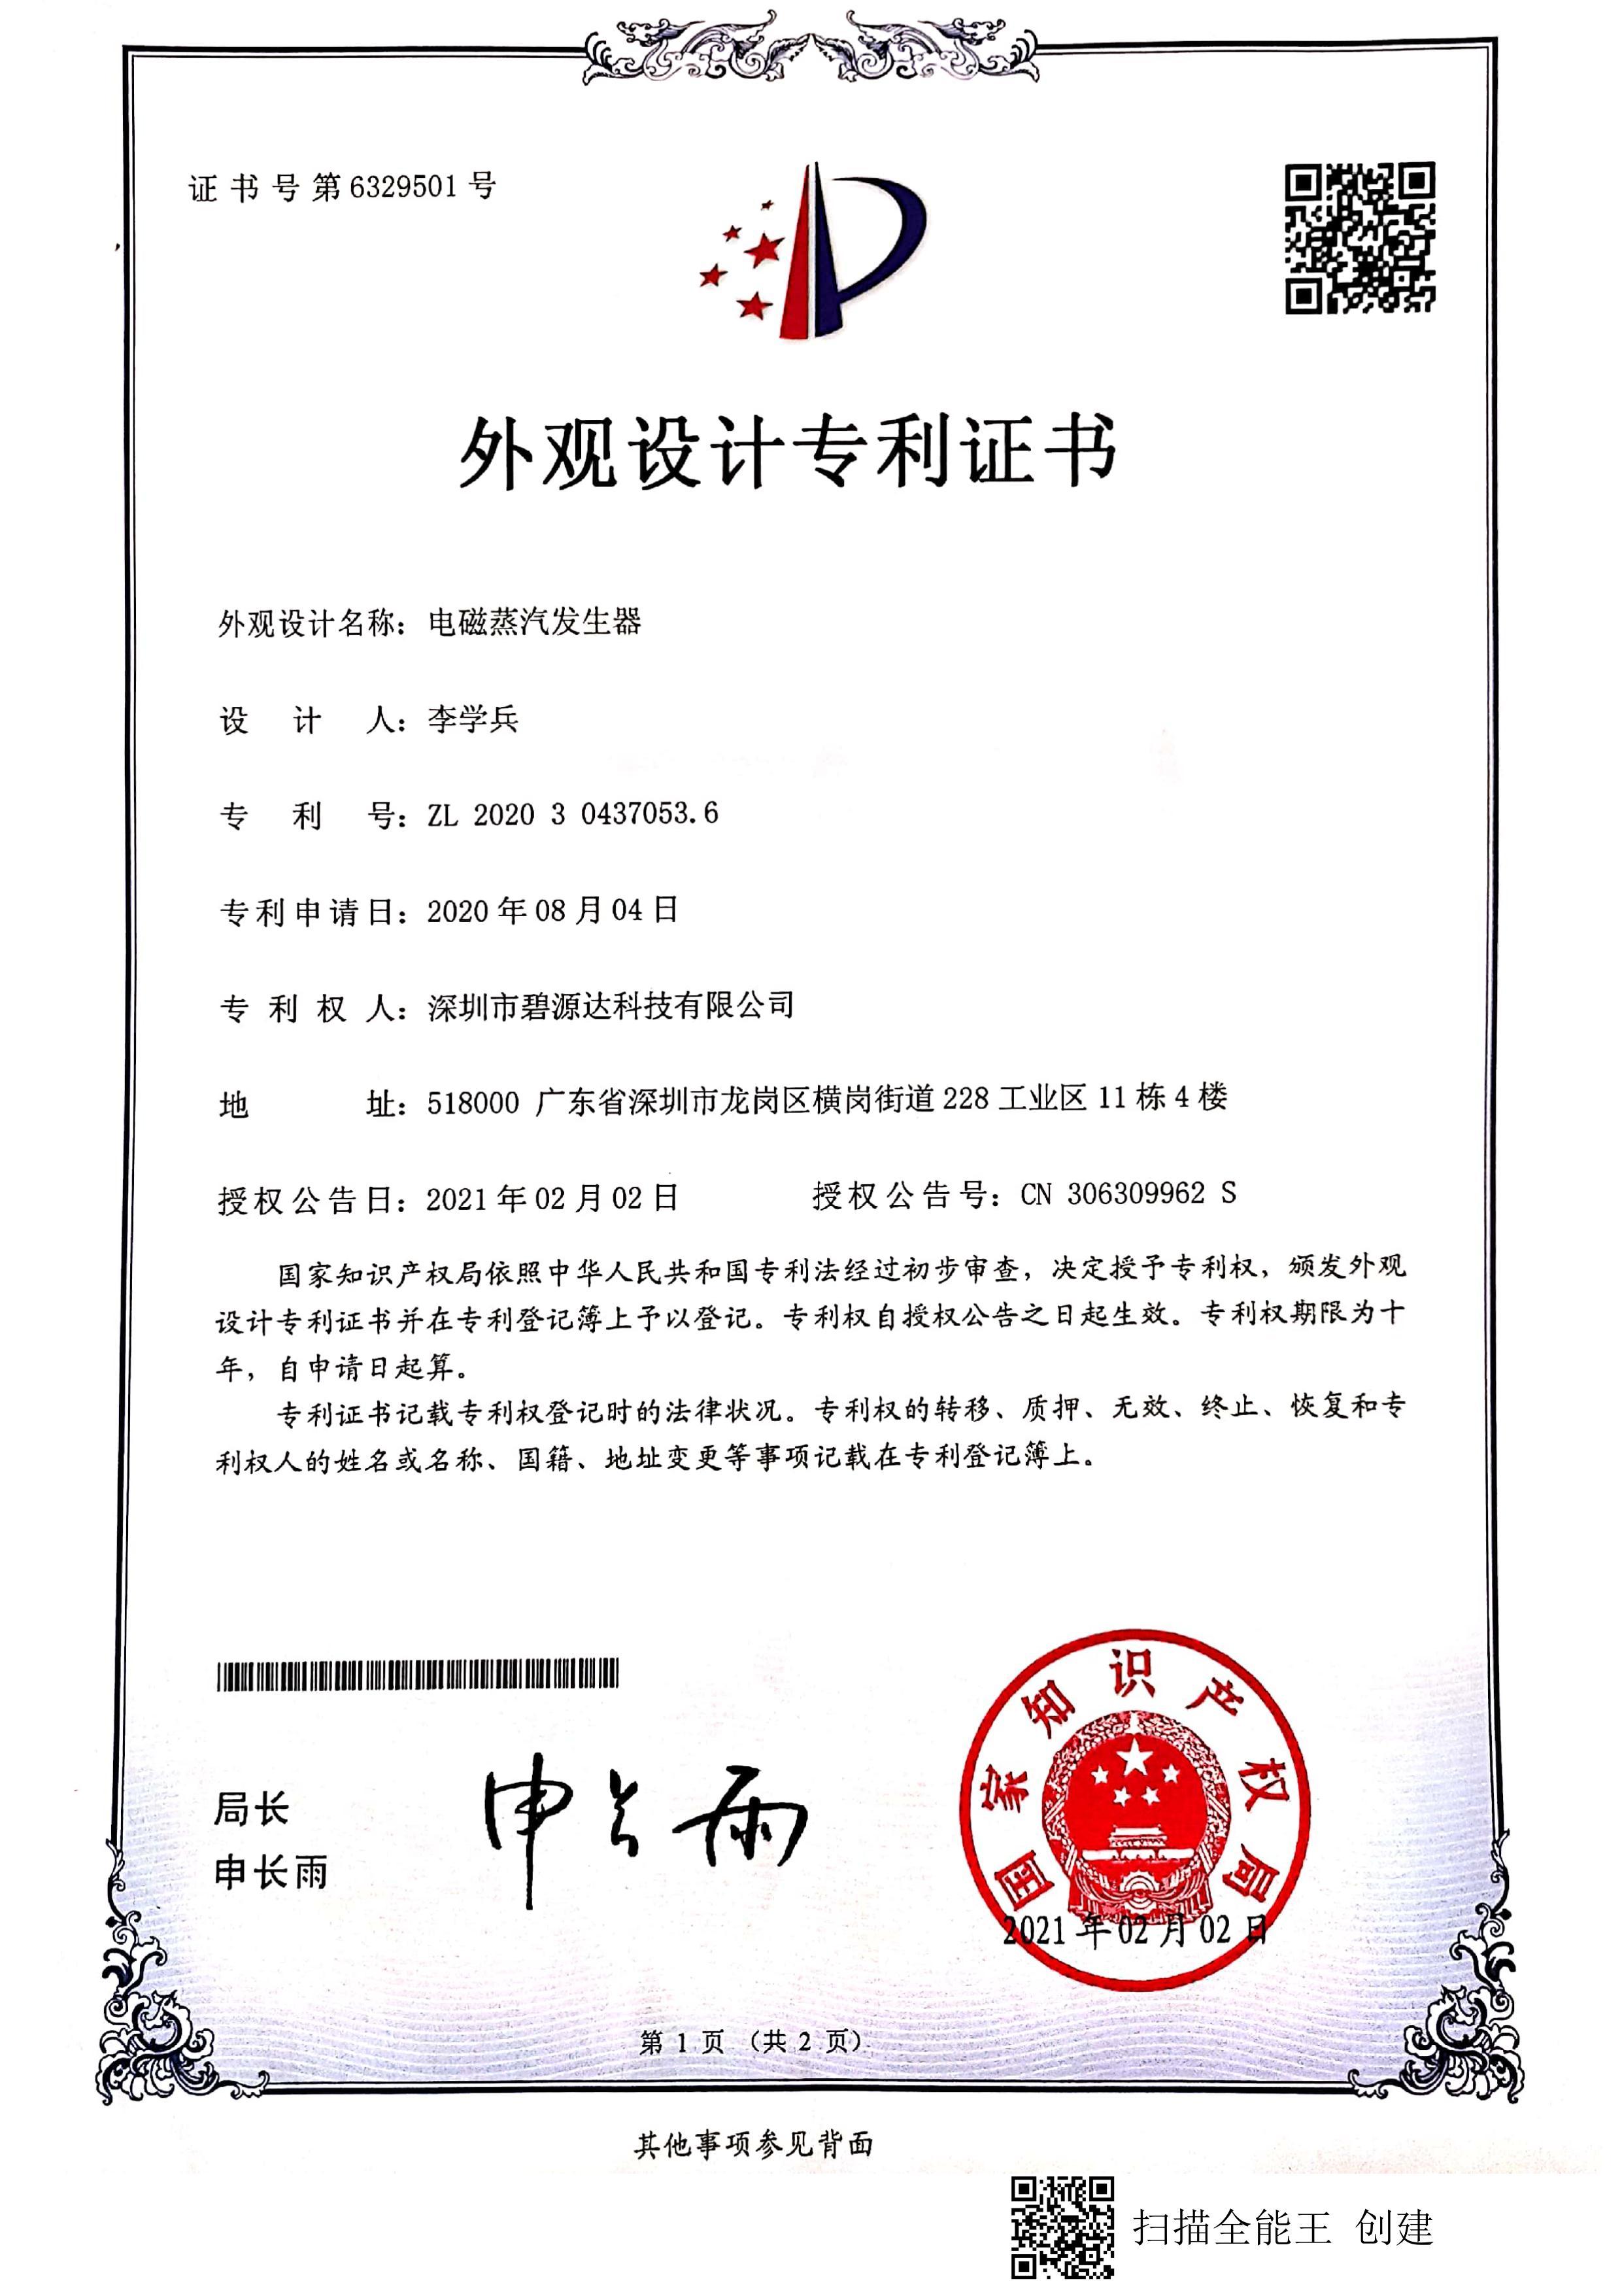 電磁(ci)蒸汽發(fa)生器外觀專利